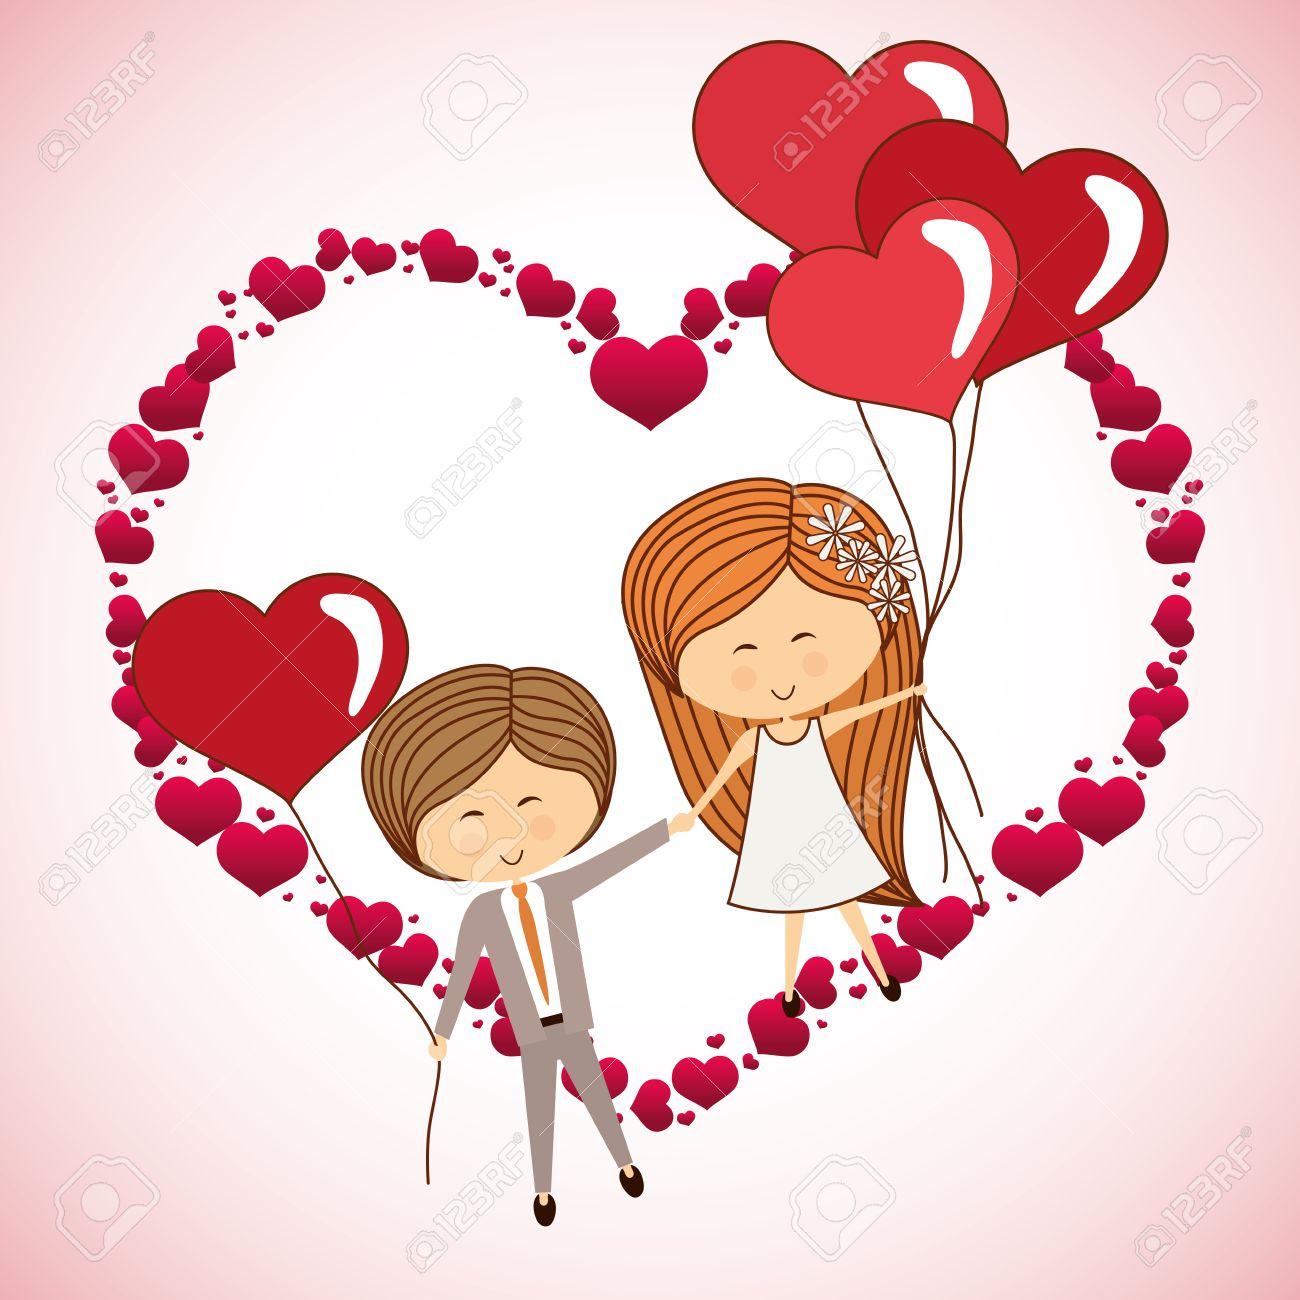 Imagenes De Amor Dibujos Animados A Lapiz Faciles Fotos De Amor